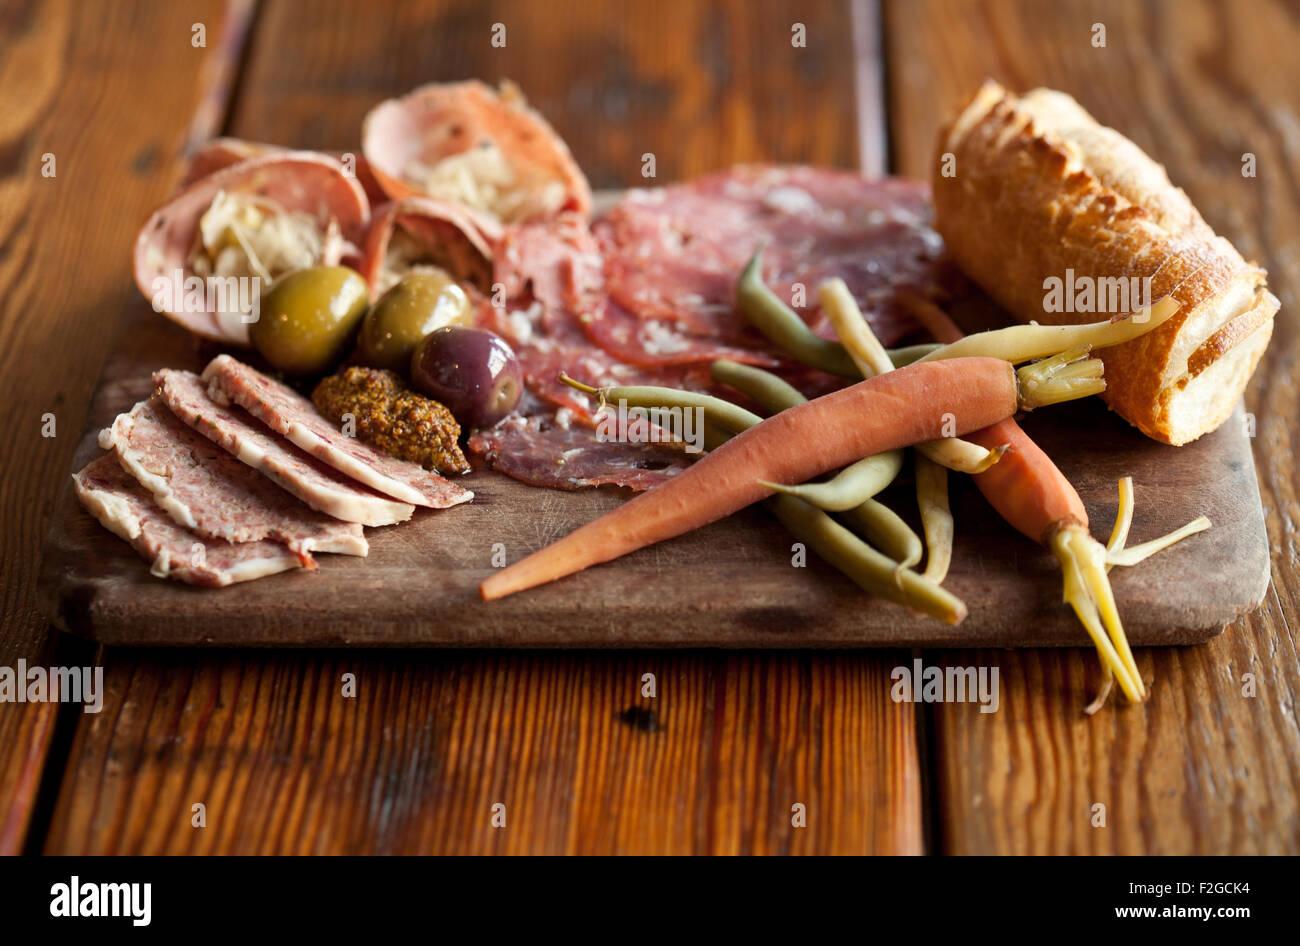 Salumi con il tedesco Bierwurst con saur kraut, Soppressata salami, Verdure sottaceto, olive, pane, senape Immagini Stock